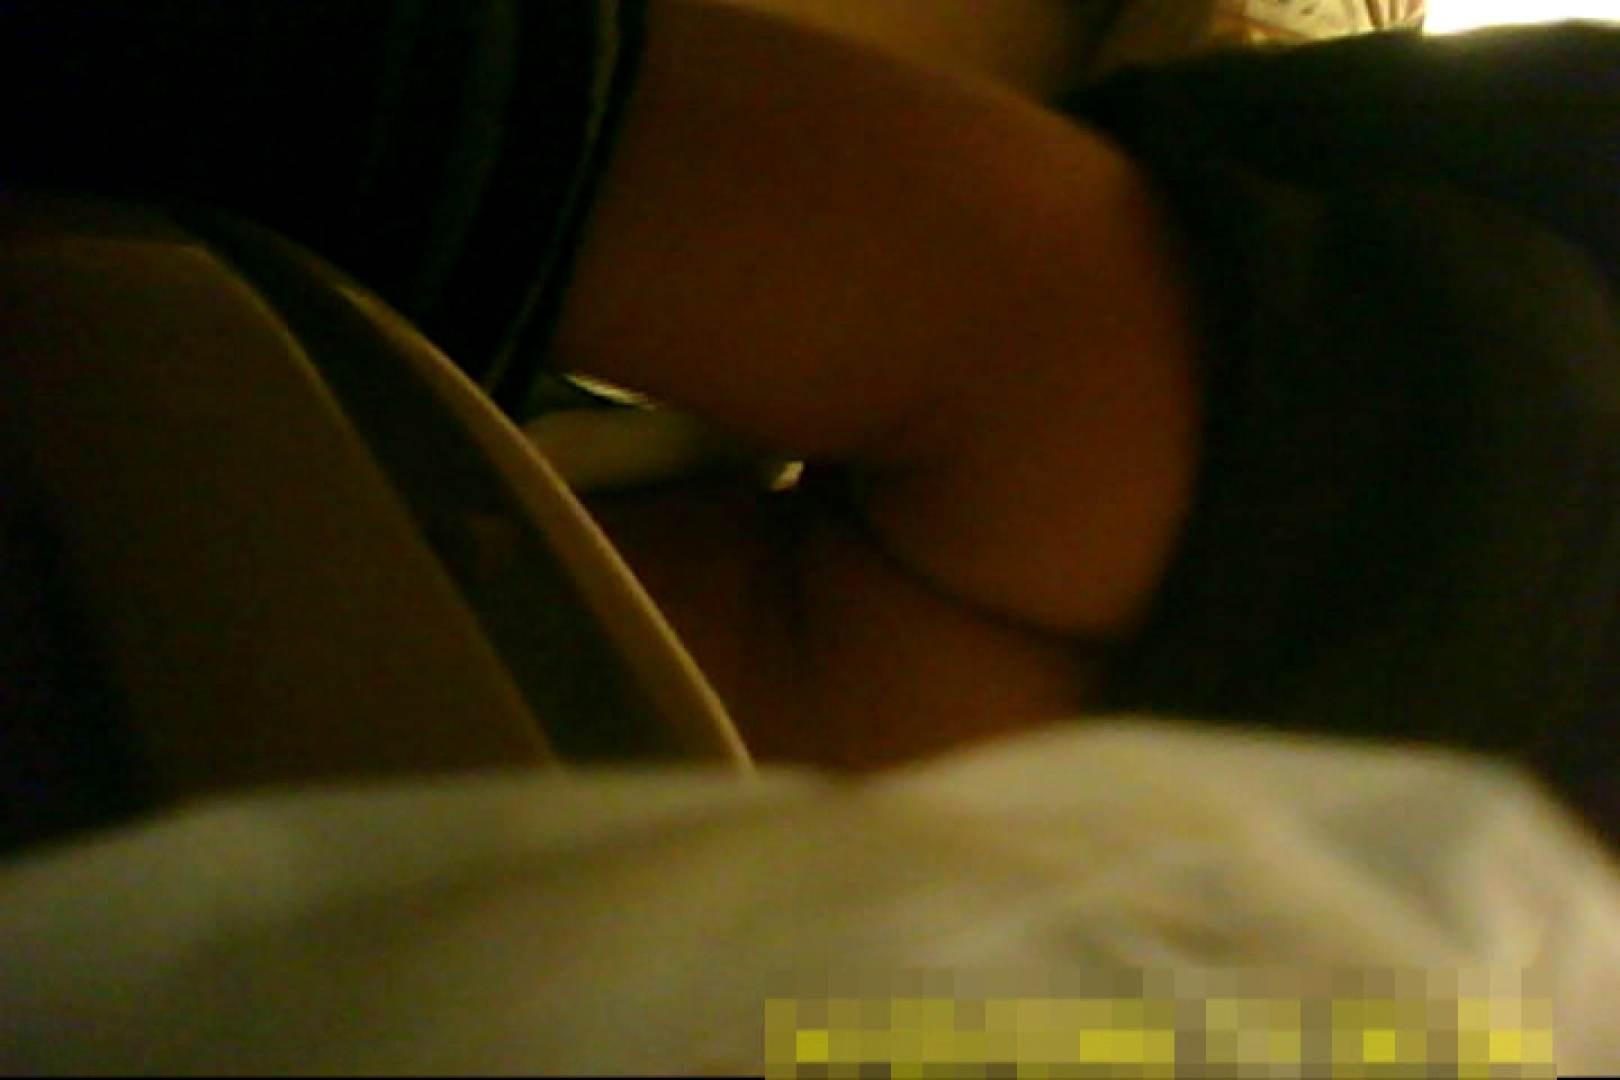 魅惑の化粧室~禁断のプライベート空間~vol.10 盗撮師作品 エロ無料画像 102pic 26